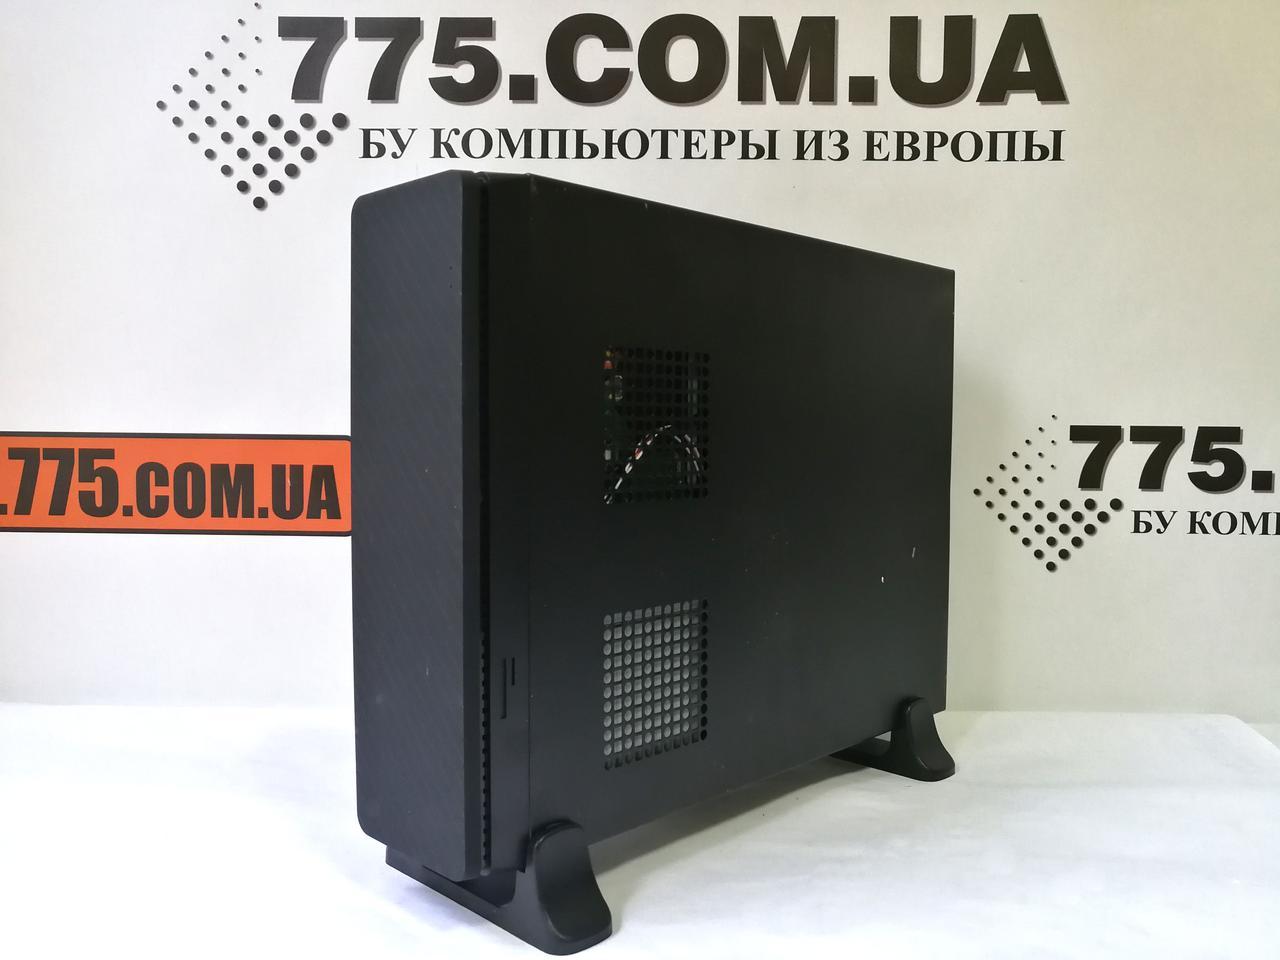 Игровой компьютер ProLogix AMD A8-5500 (4 ядра) 3.2GHz, RAM 8ГБ, SSD 120ГБ, HDD 500ГБ, GTX 1050Ti 4GB(новая)